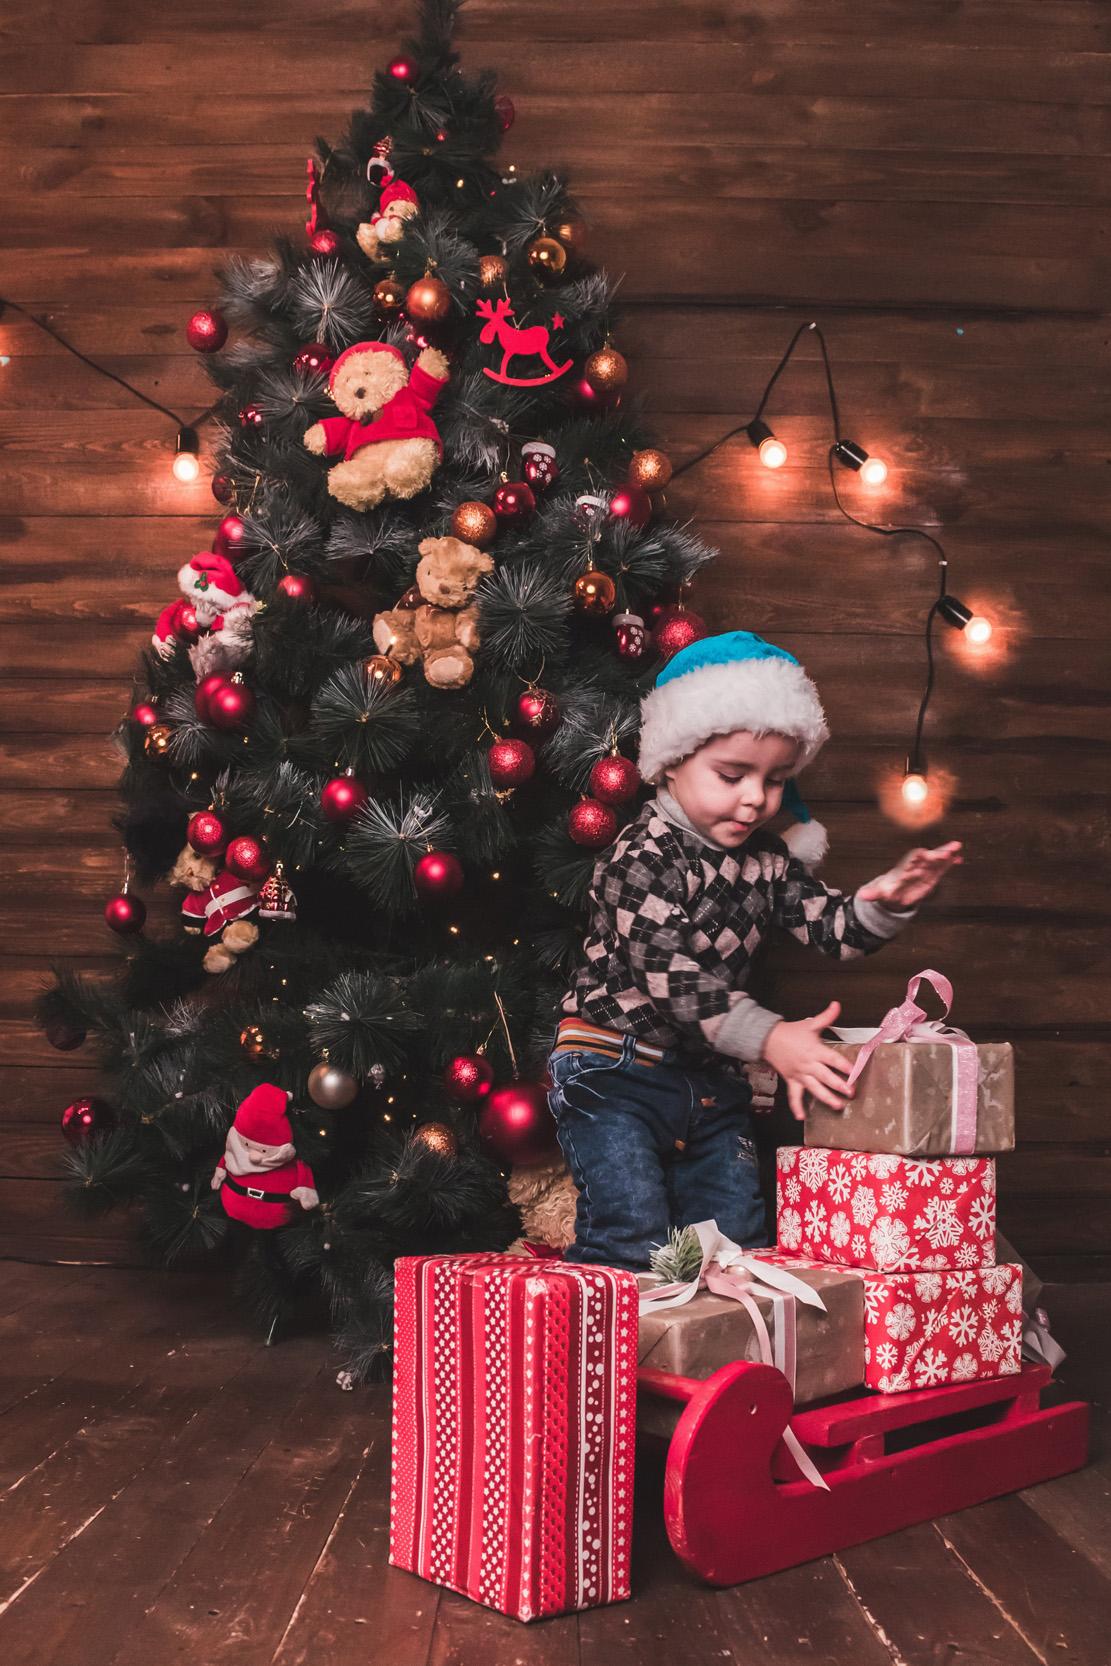 ребёнок возле ёлки складывает игрушки на сани, новогодняя детская фотосессия в студии, фото ребенка в фотостудии, мальчик в шапке деда мороза, детский фотограф в фотостудию Киев